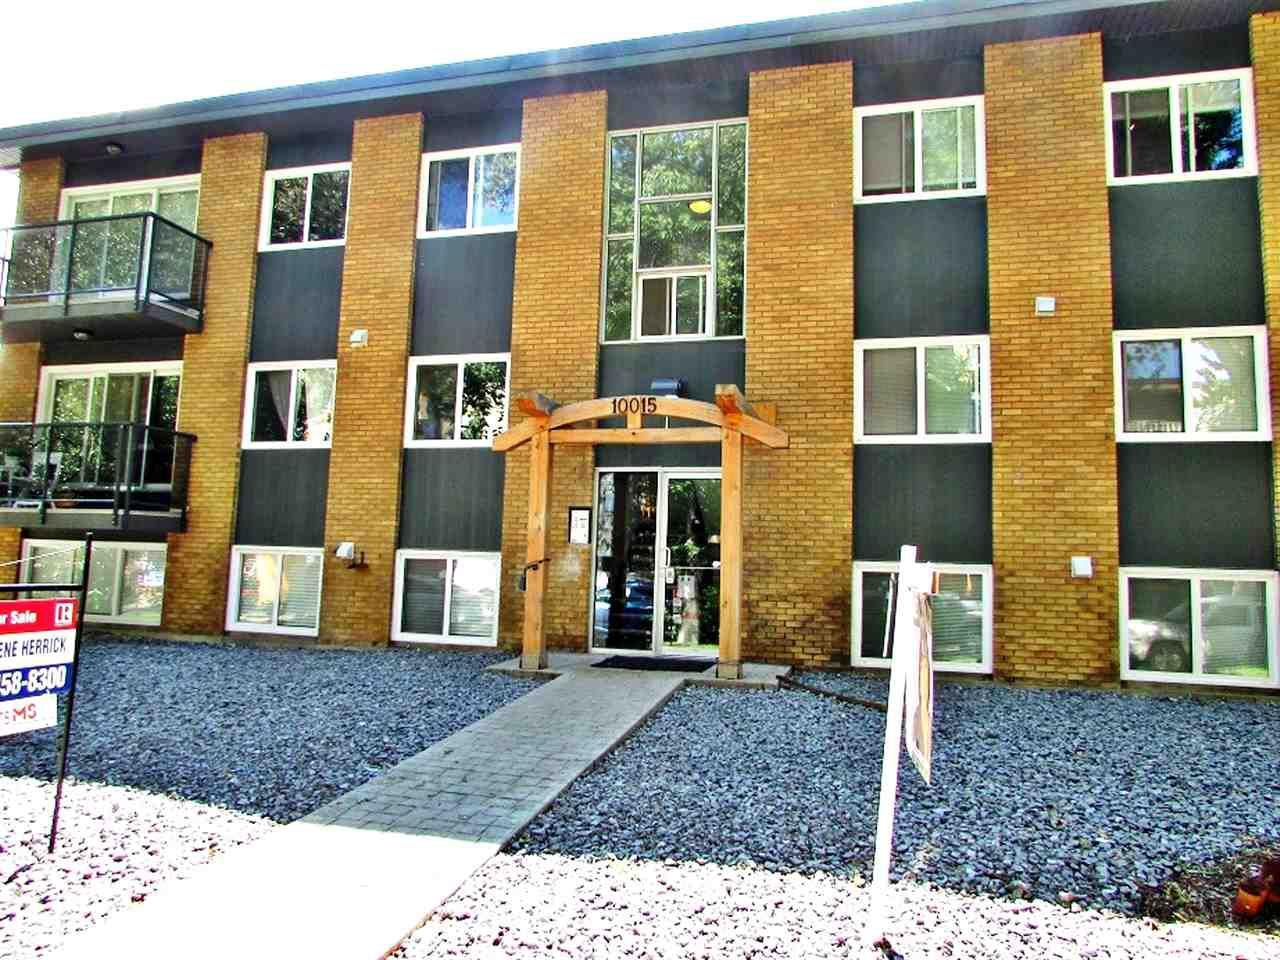 Main Photo: 33 10015 83 Avenue in Edmonton: Zone 15 Condo for sale : MLS®# E4149163